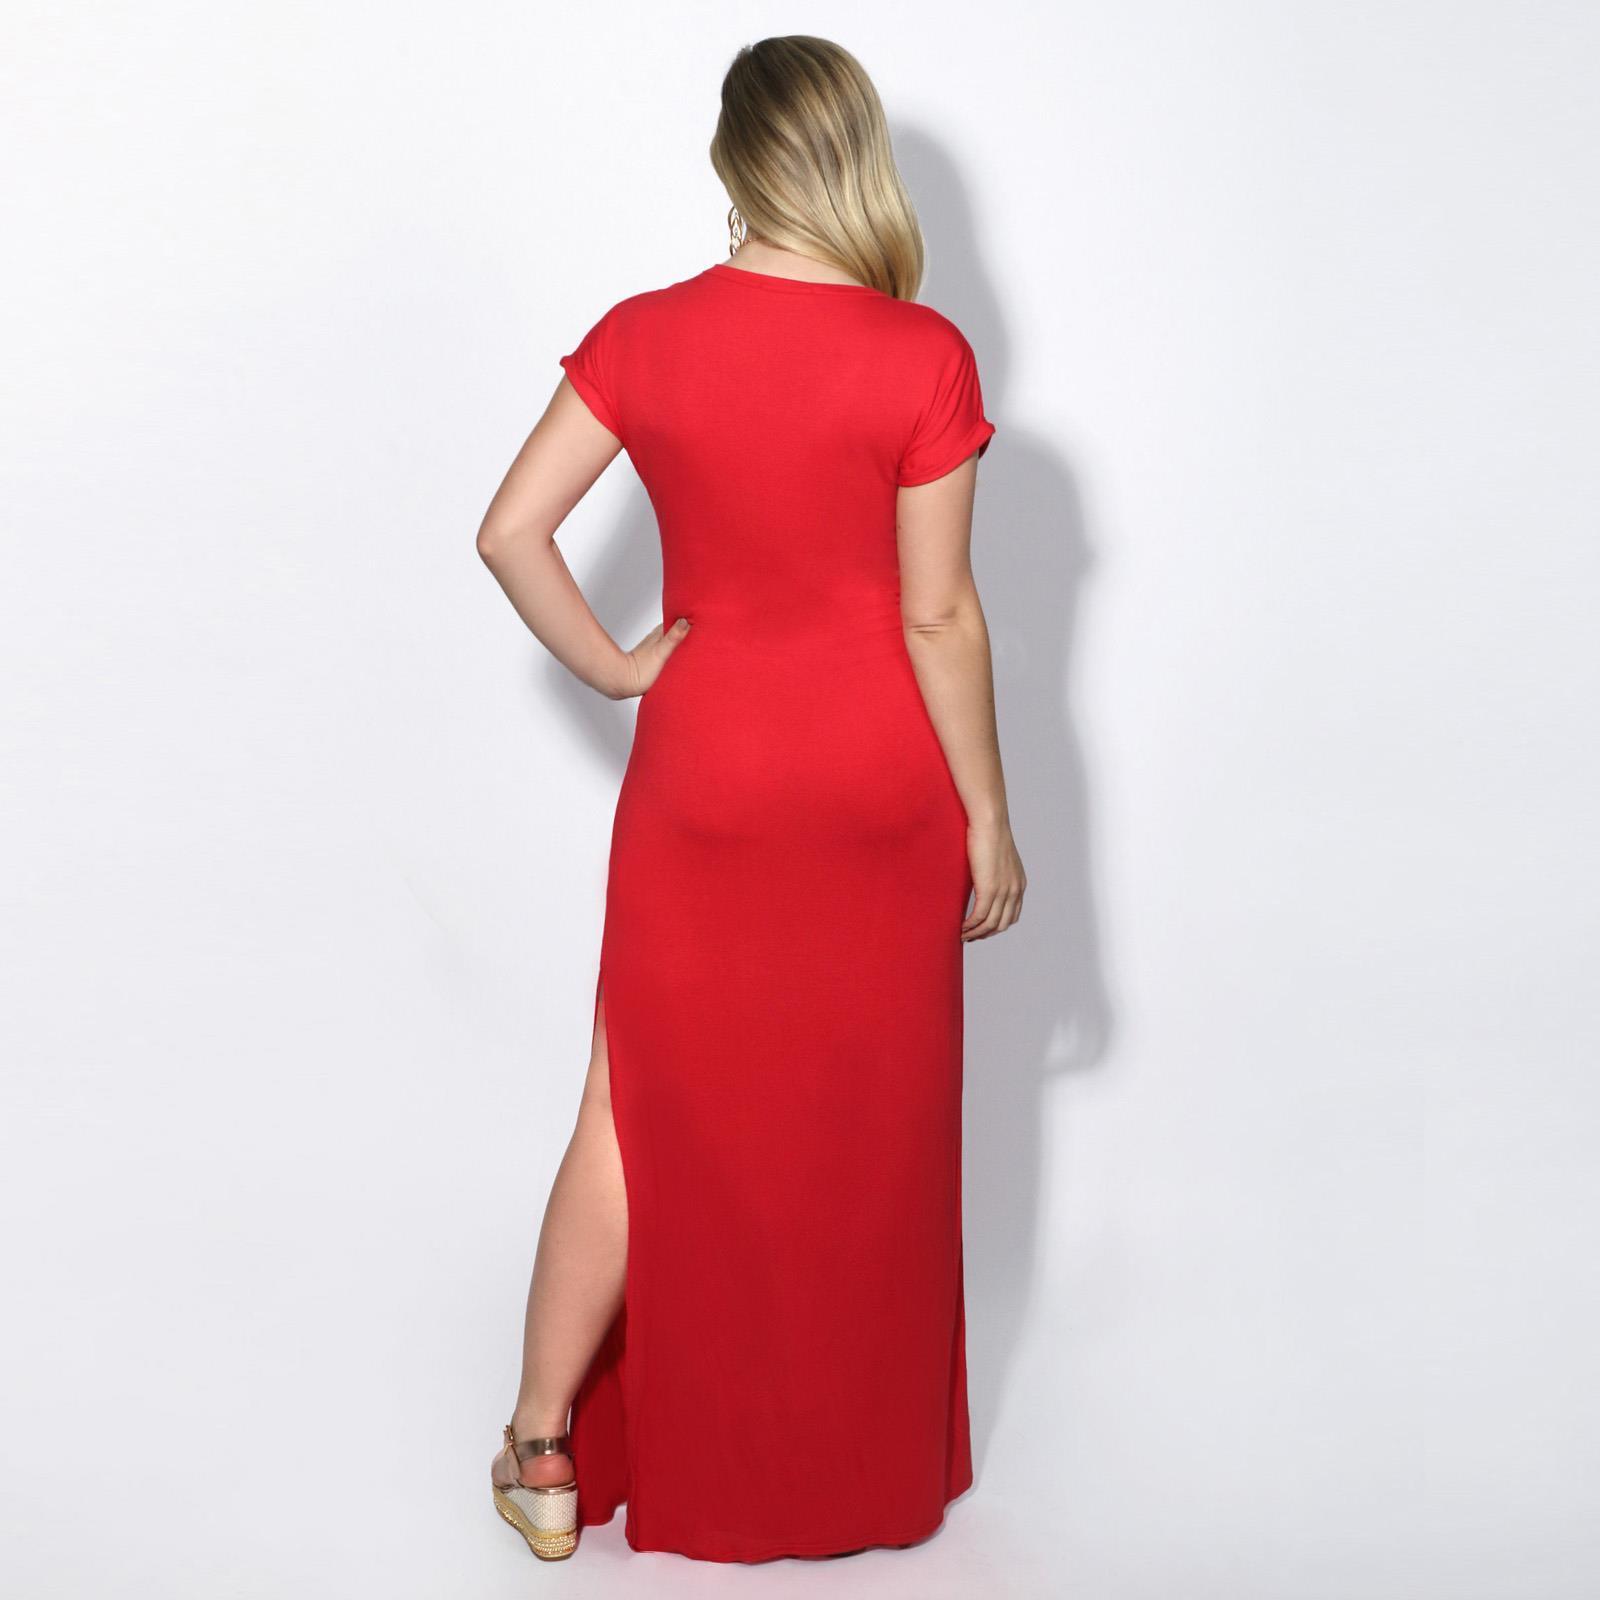 Robe-Femme-Longue-Plissee-Boheme-Sexy-Chic-Fente-Mode-Tunique-Manches-Courtes miniature 4